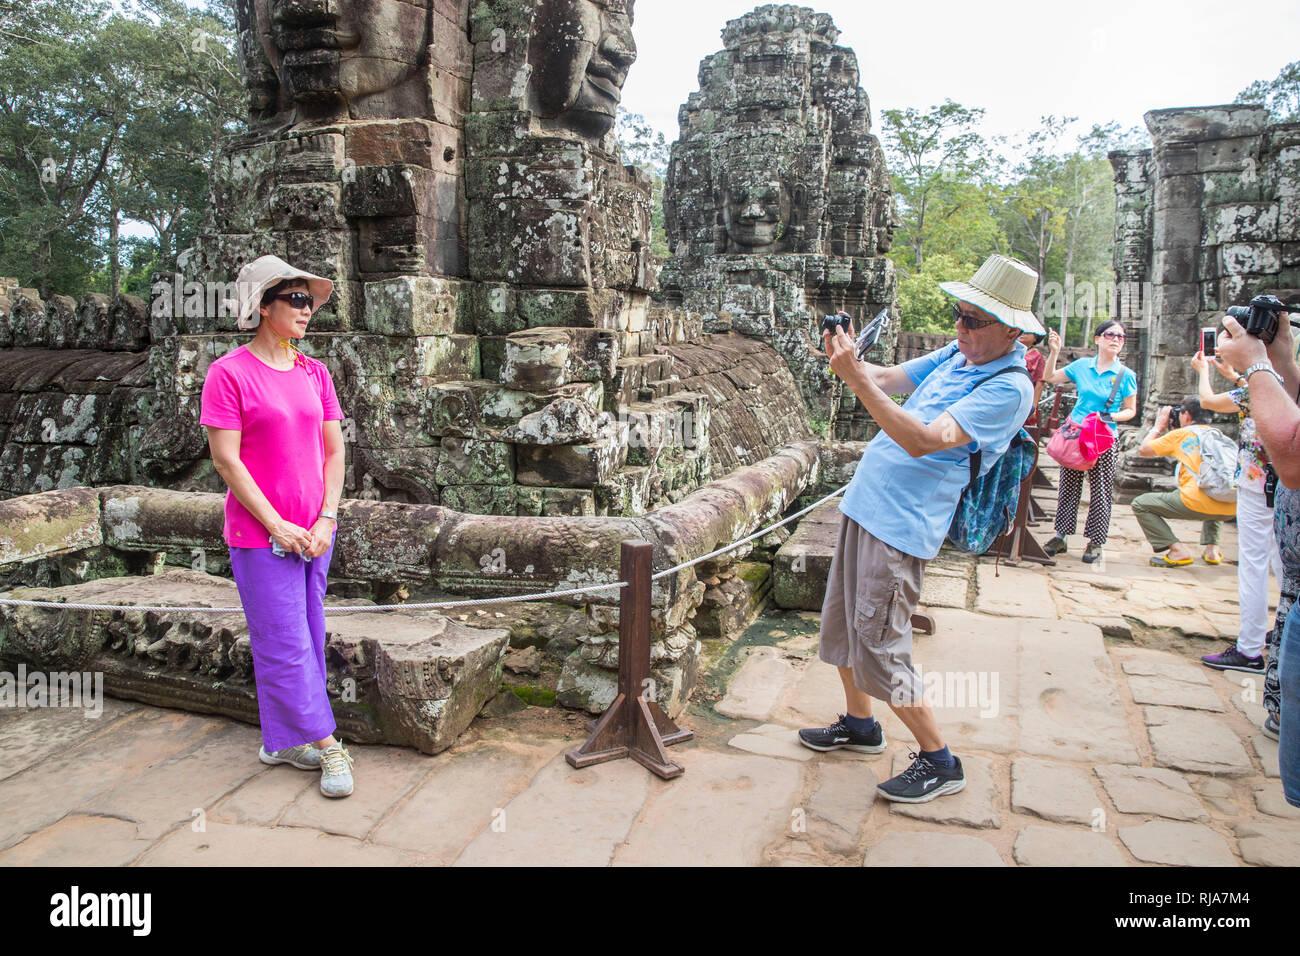 Siem Reap, Angkor, Tempel Bayon, von Touristen überlaufen, Paar beim fotografieren - Stock Image